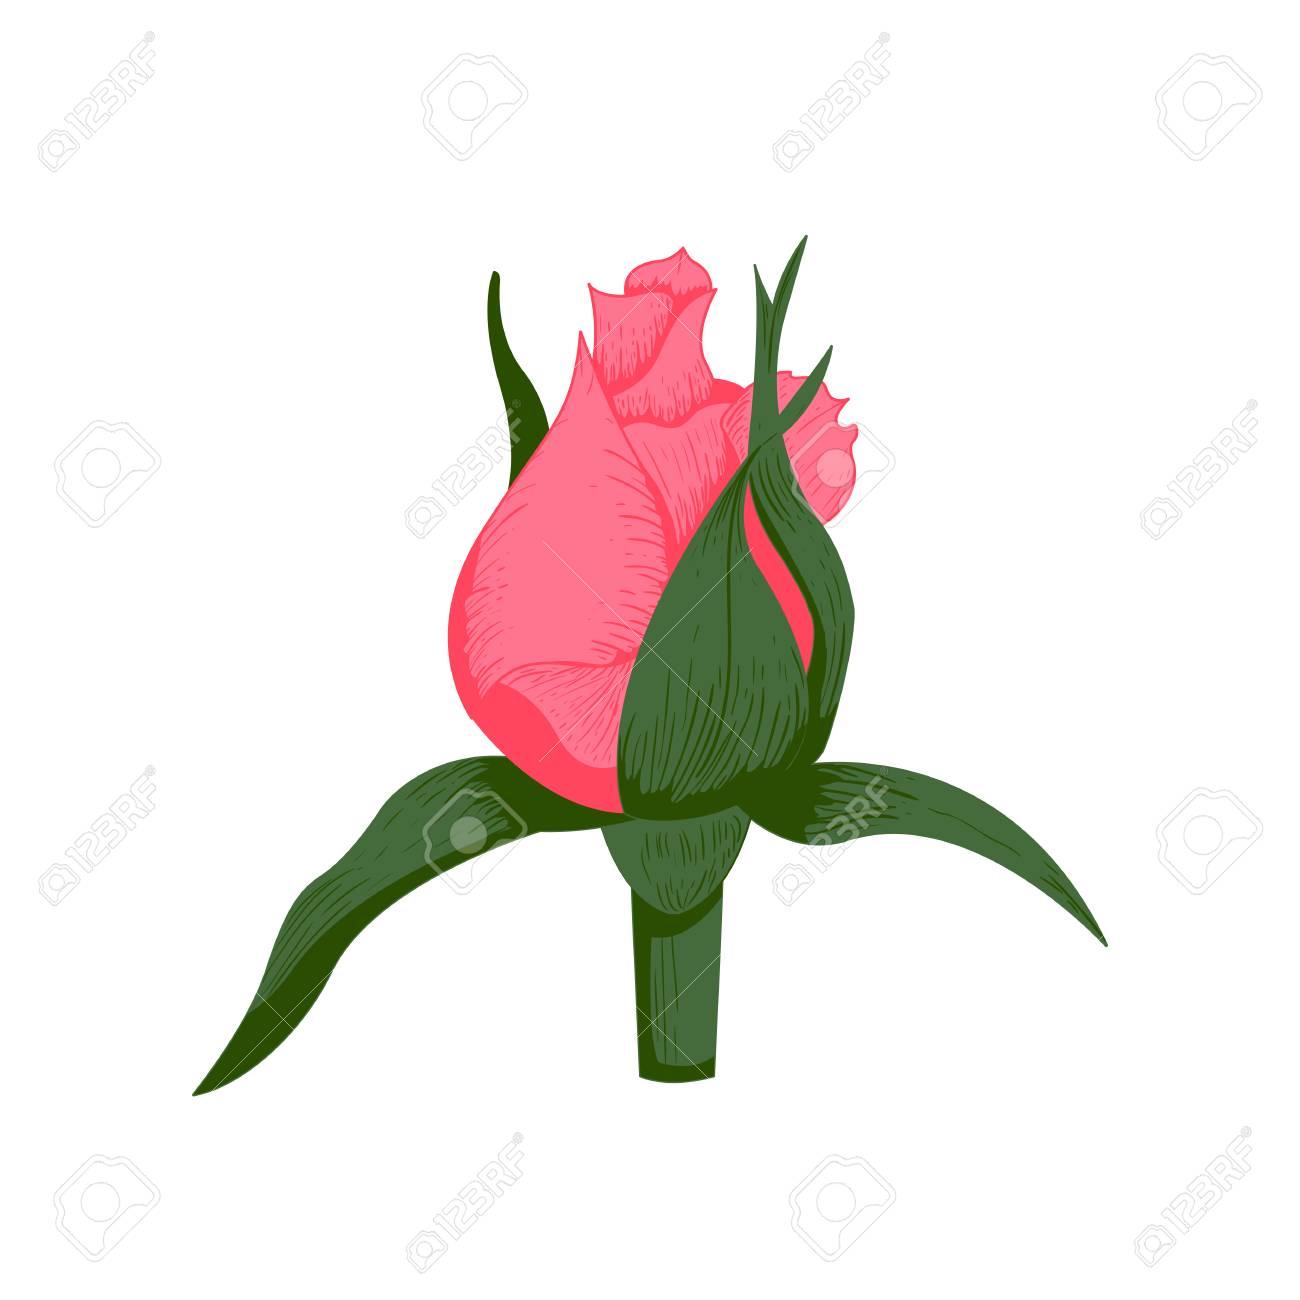 vintage rose flower vector illustration royalty free cliparts rh 123rf com vintage flower vector cdr vintage flower vector pattern